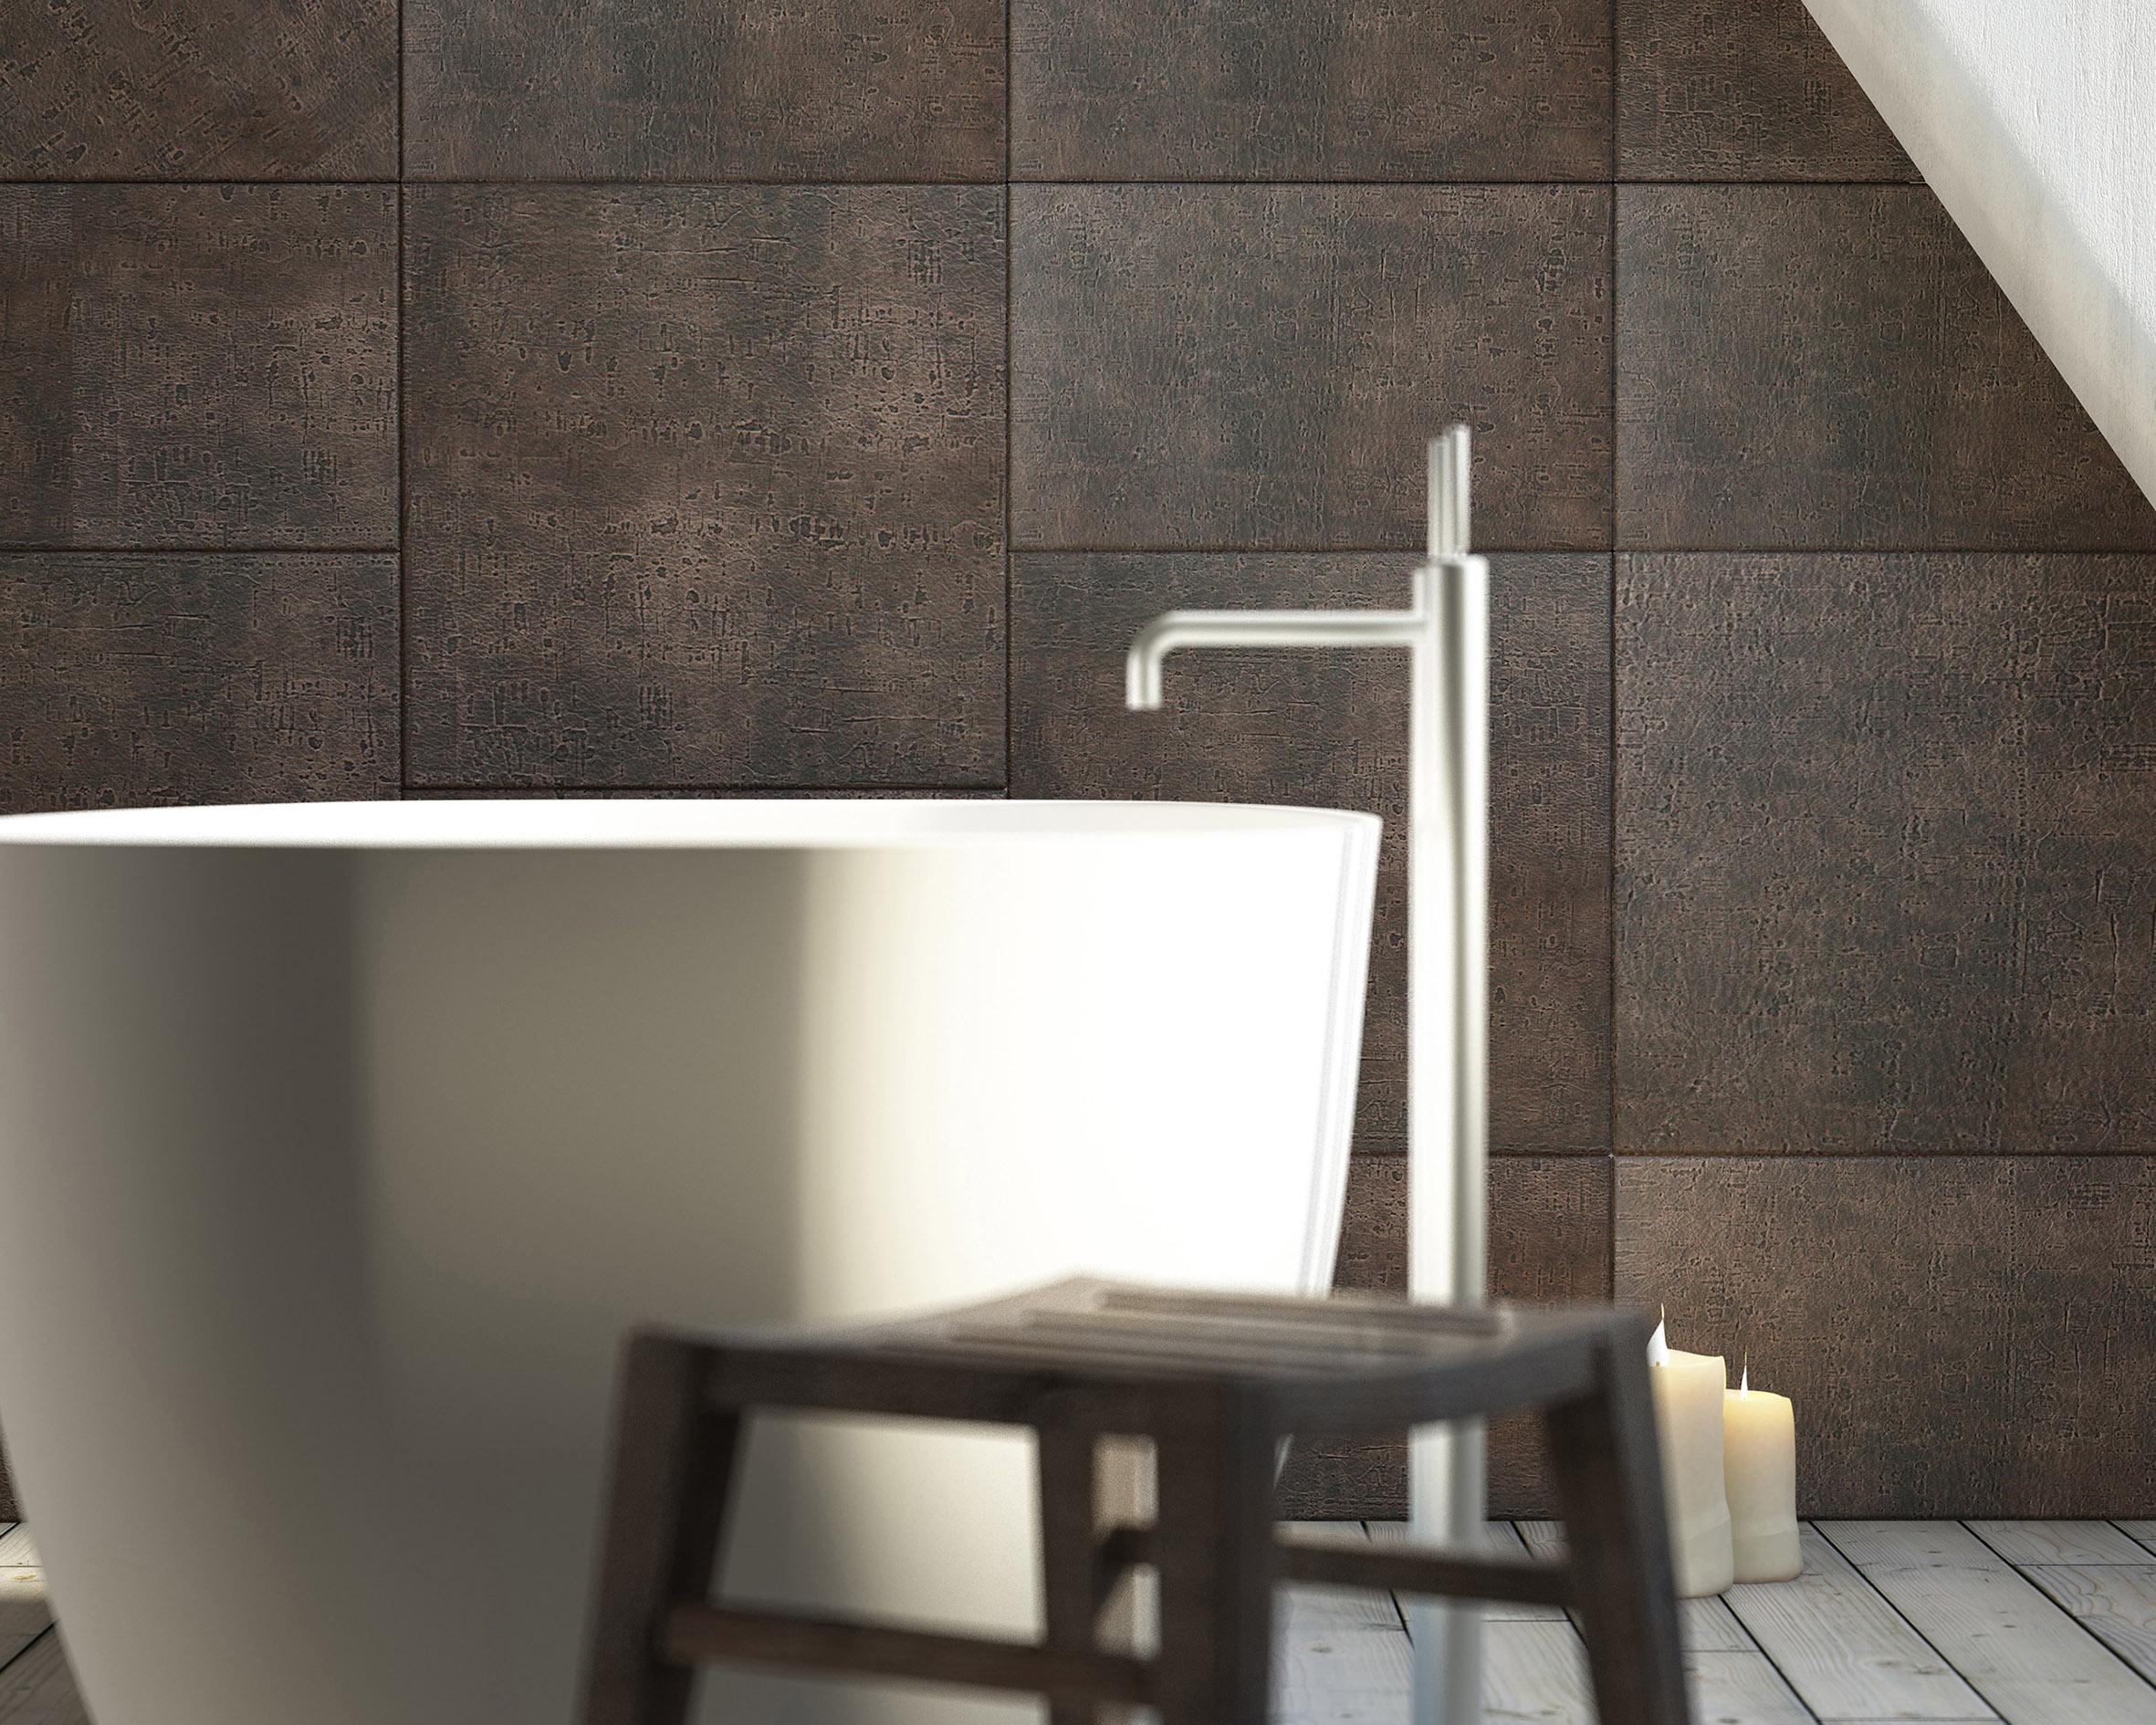 Tegels van leer in je badkamer inspiraties - Muurdecoratie badkamer ...